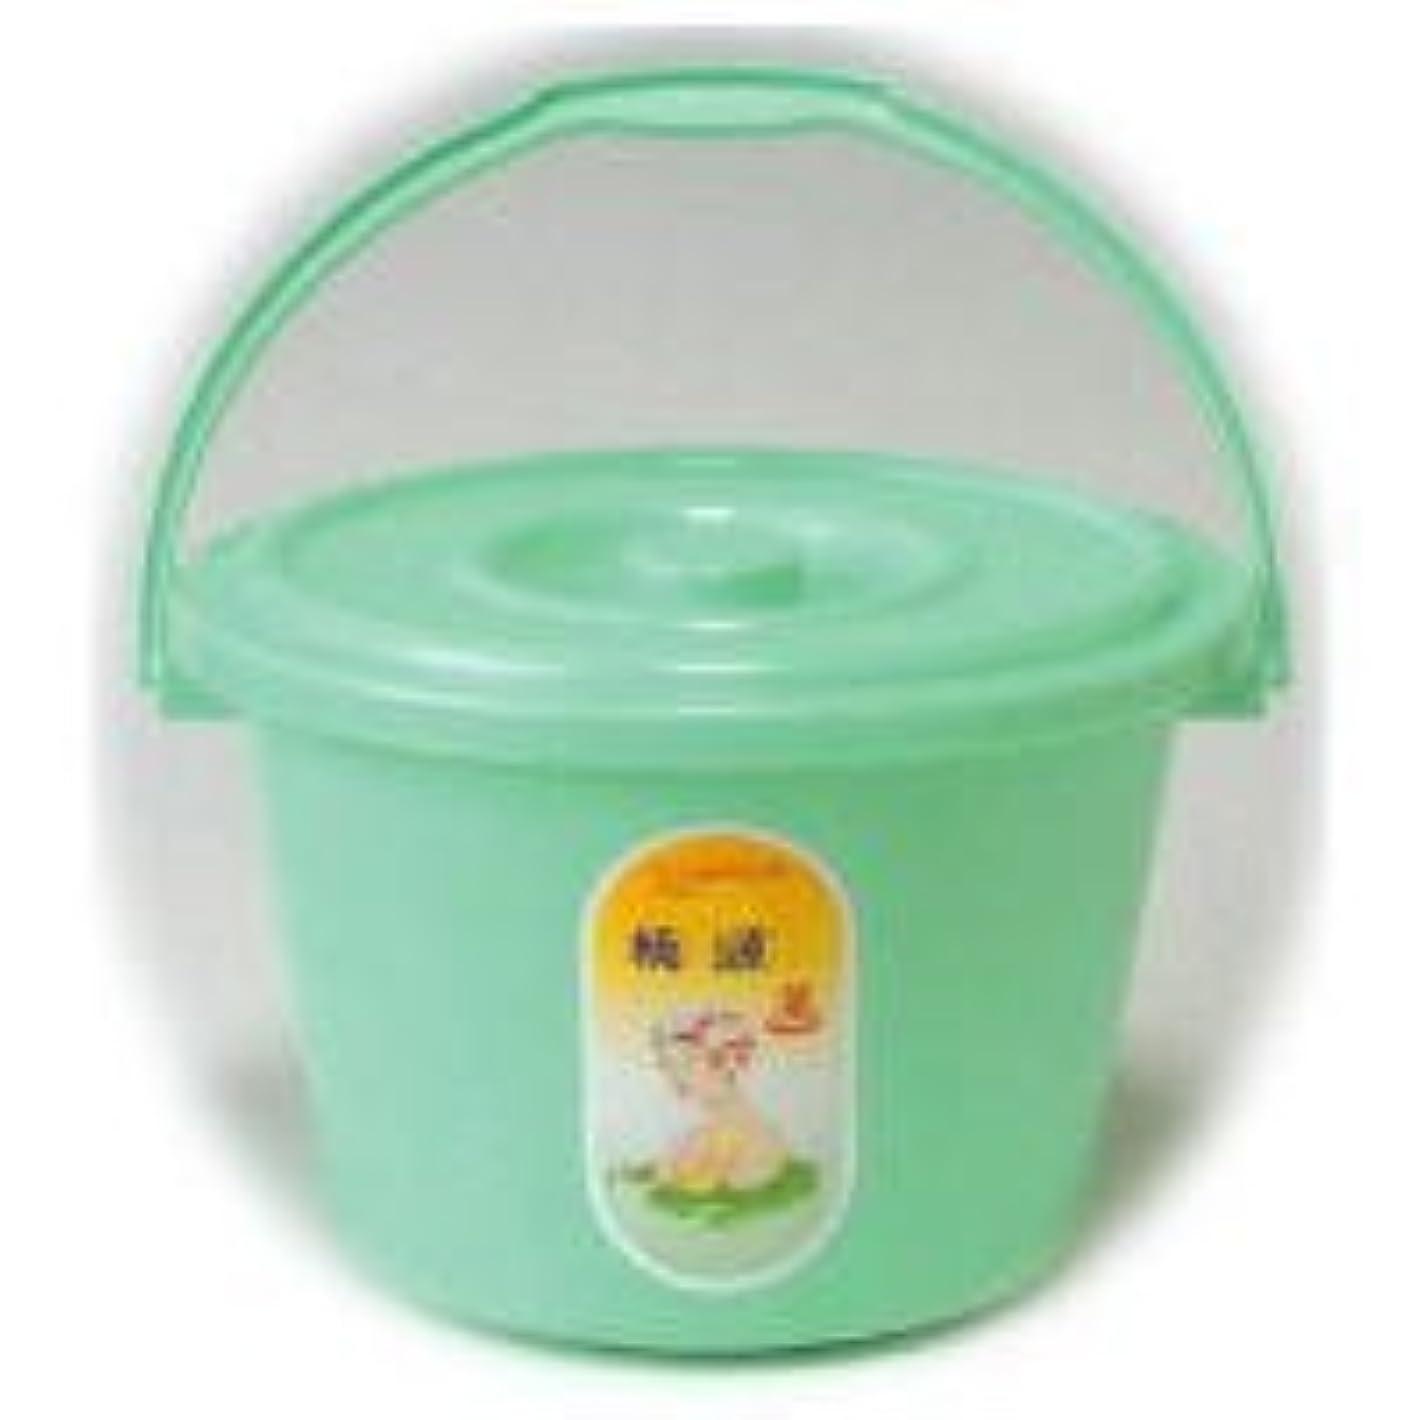 障害者レモン保存する桃源(とうげん) 桃の葉の精 4kg バケツ入り